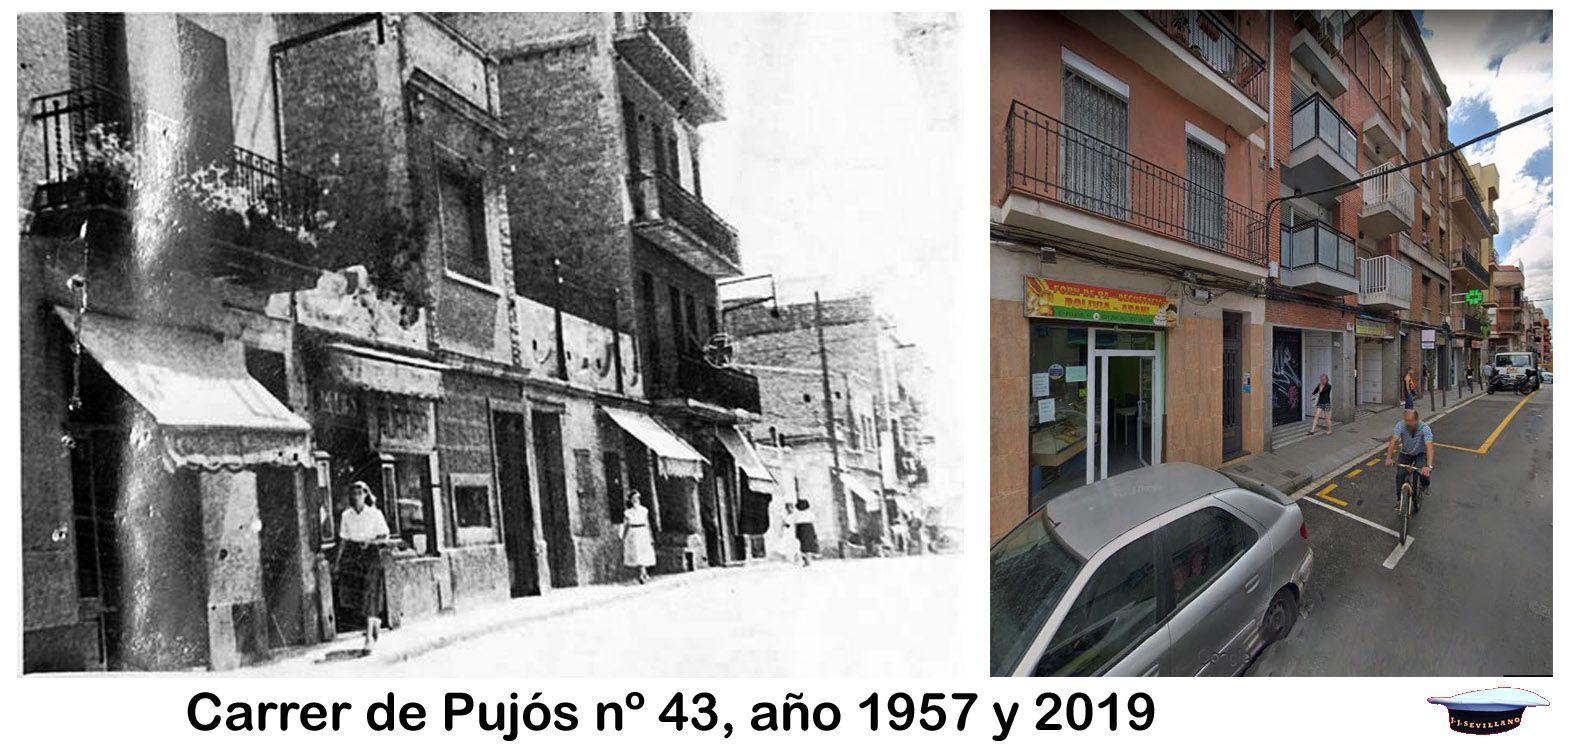 Carrer De Pujós Nº 43 Año 1957 Y 2019 Fotos Antiguas Barcelona Fotos